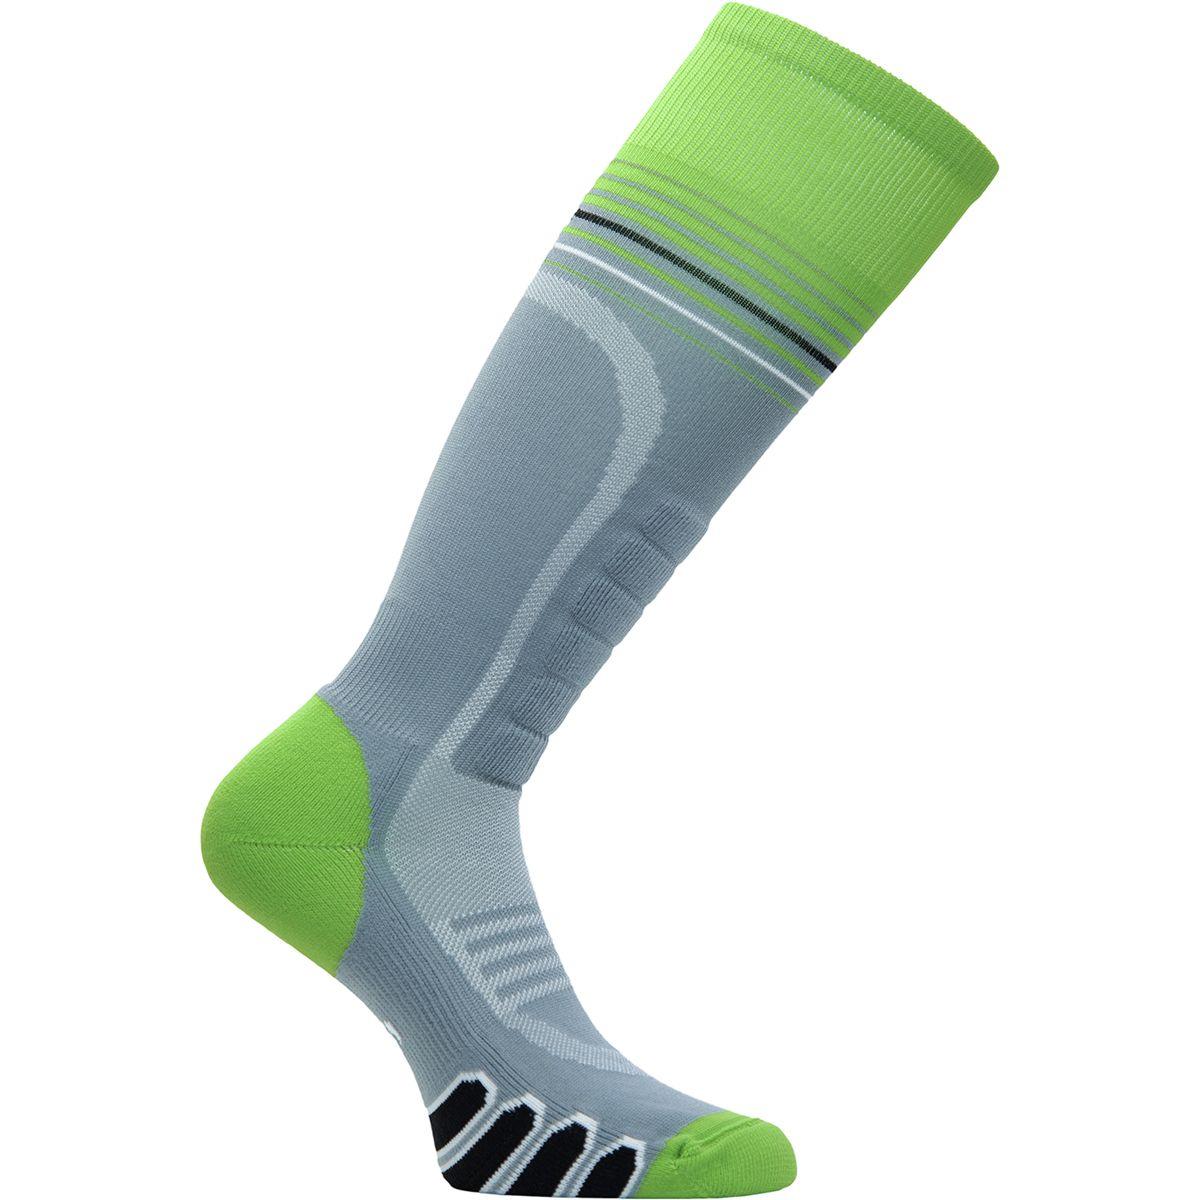 EURO Socks Silver Supreme Ski Sock - Men's Grey/Acid, M